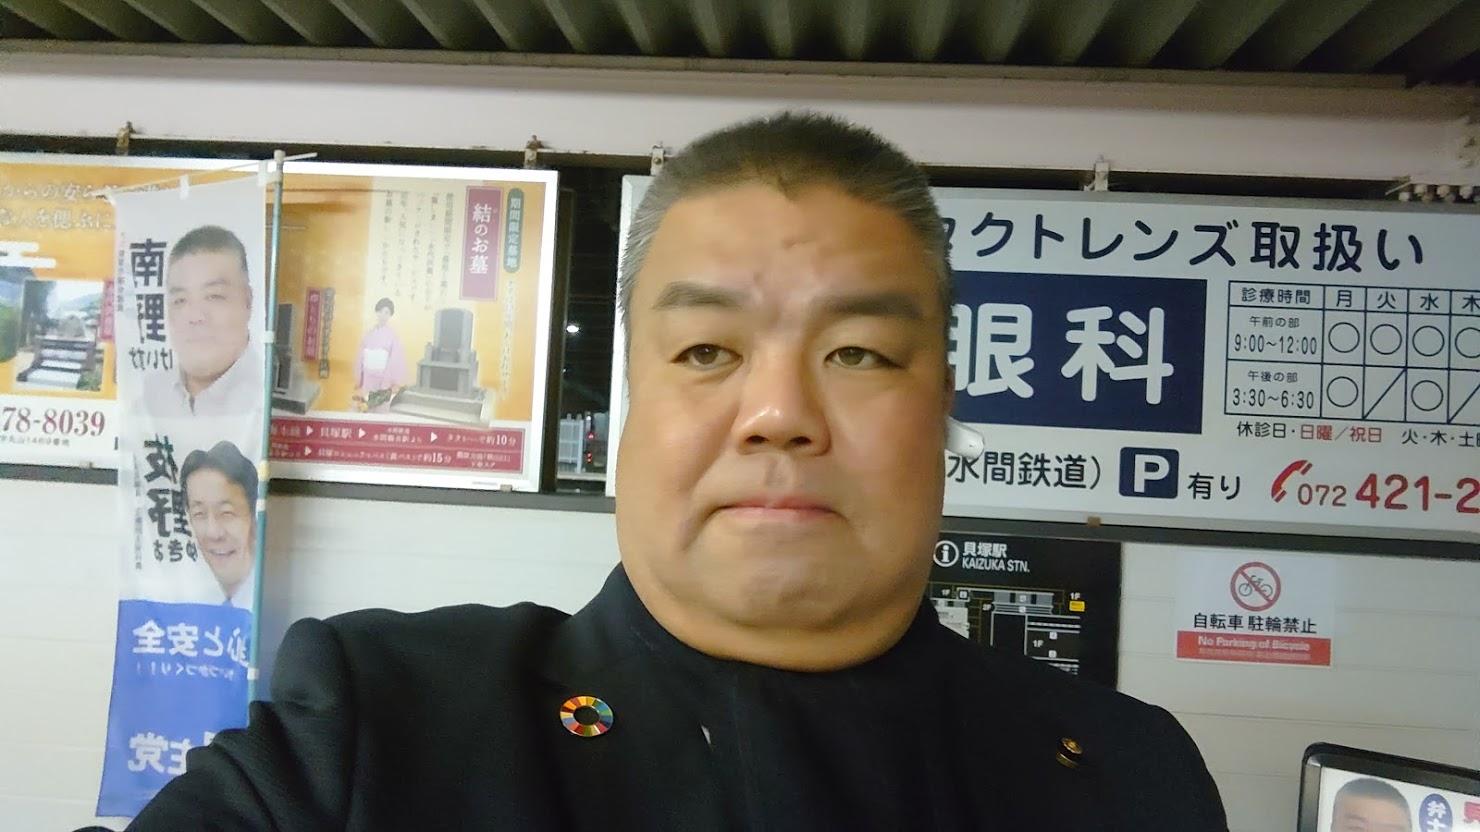 2020.12.15 南海貝塚駅東口にて朝のご挨拶